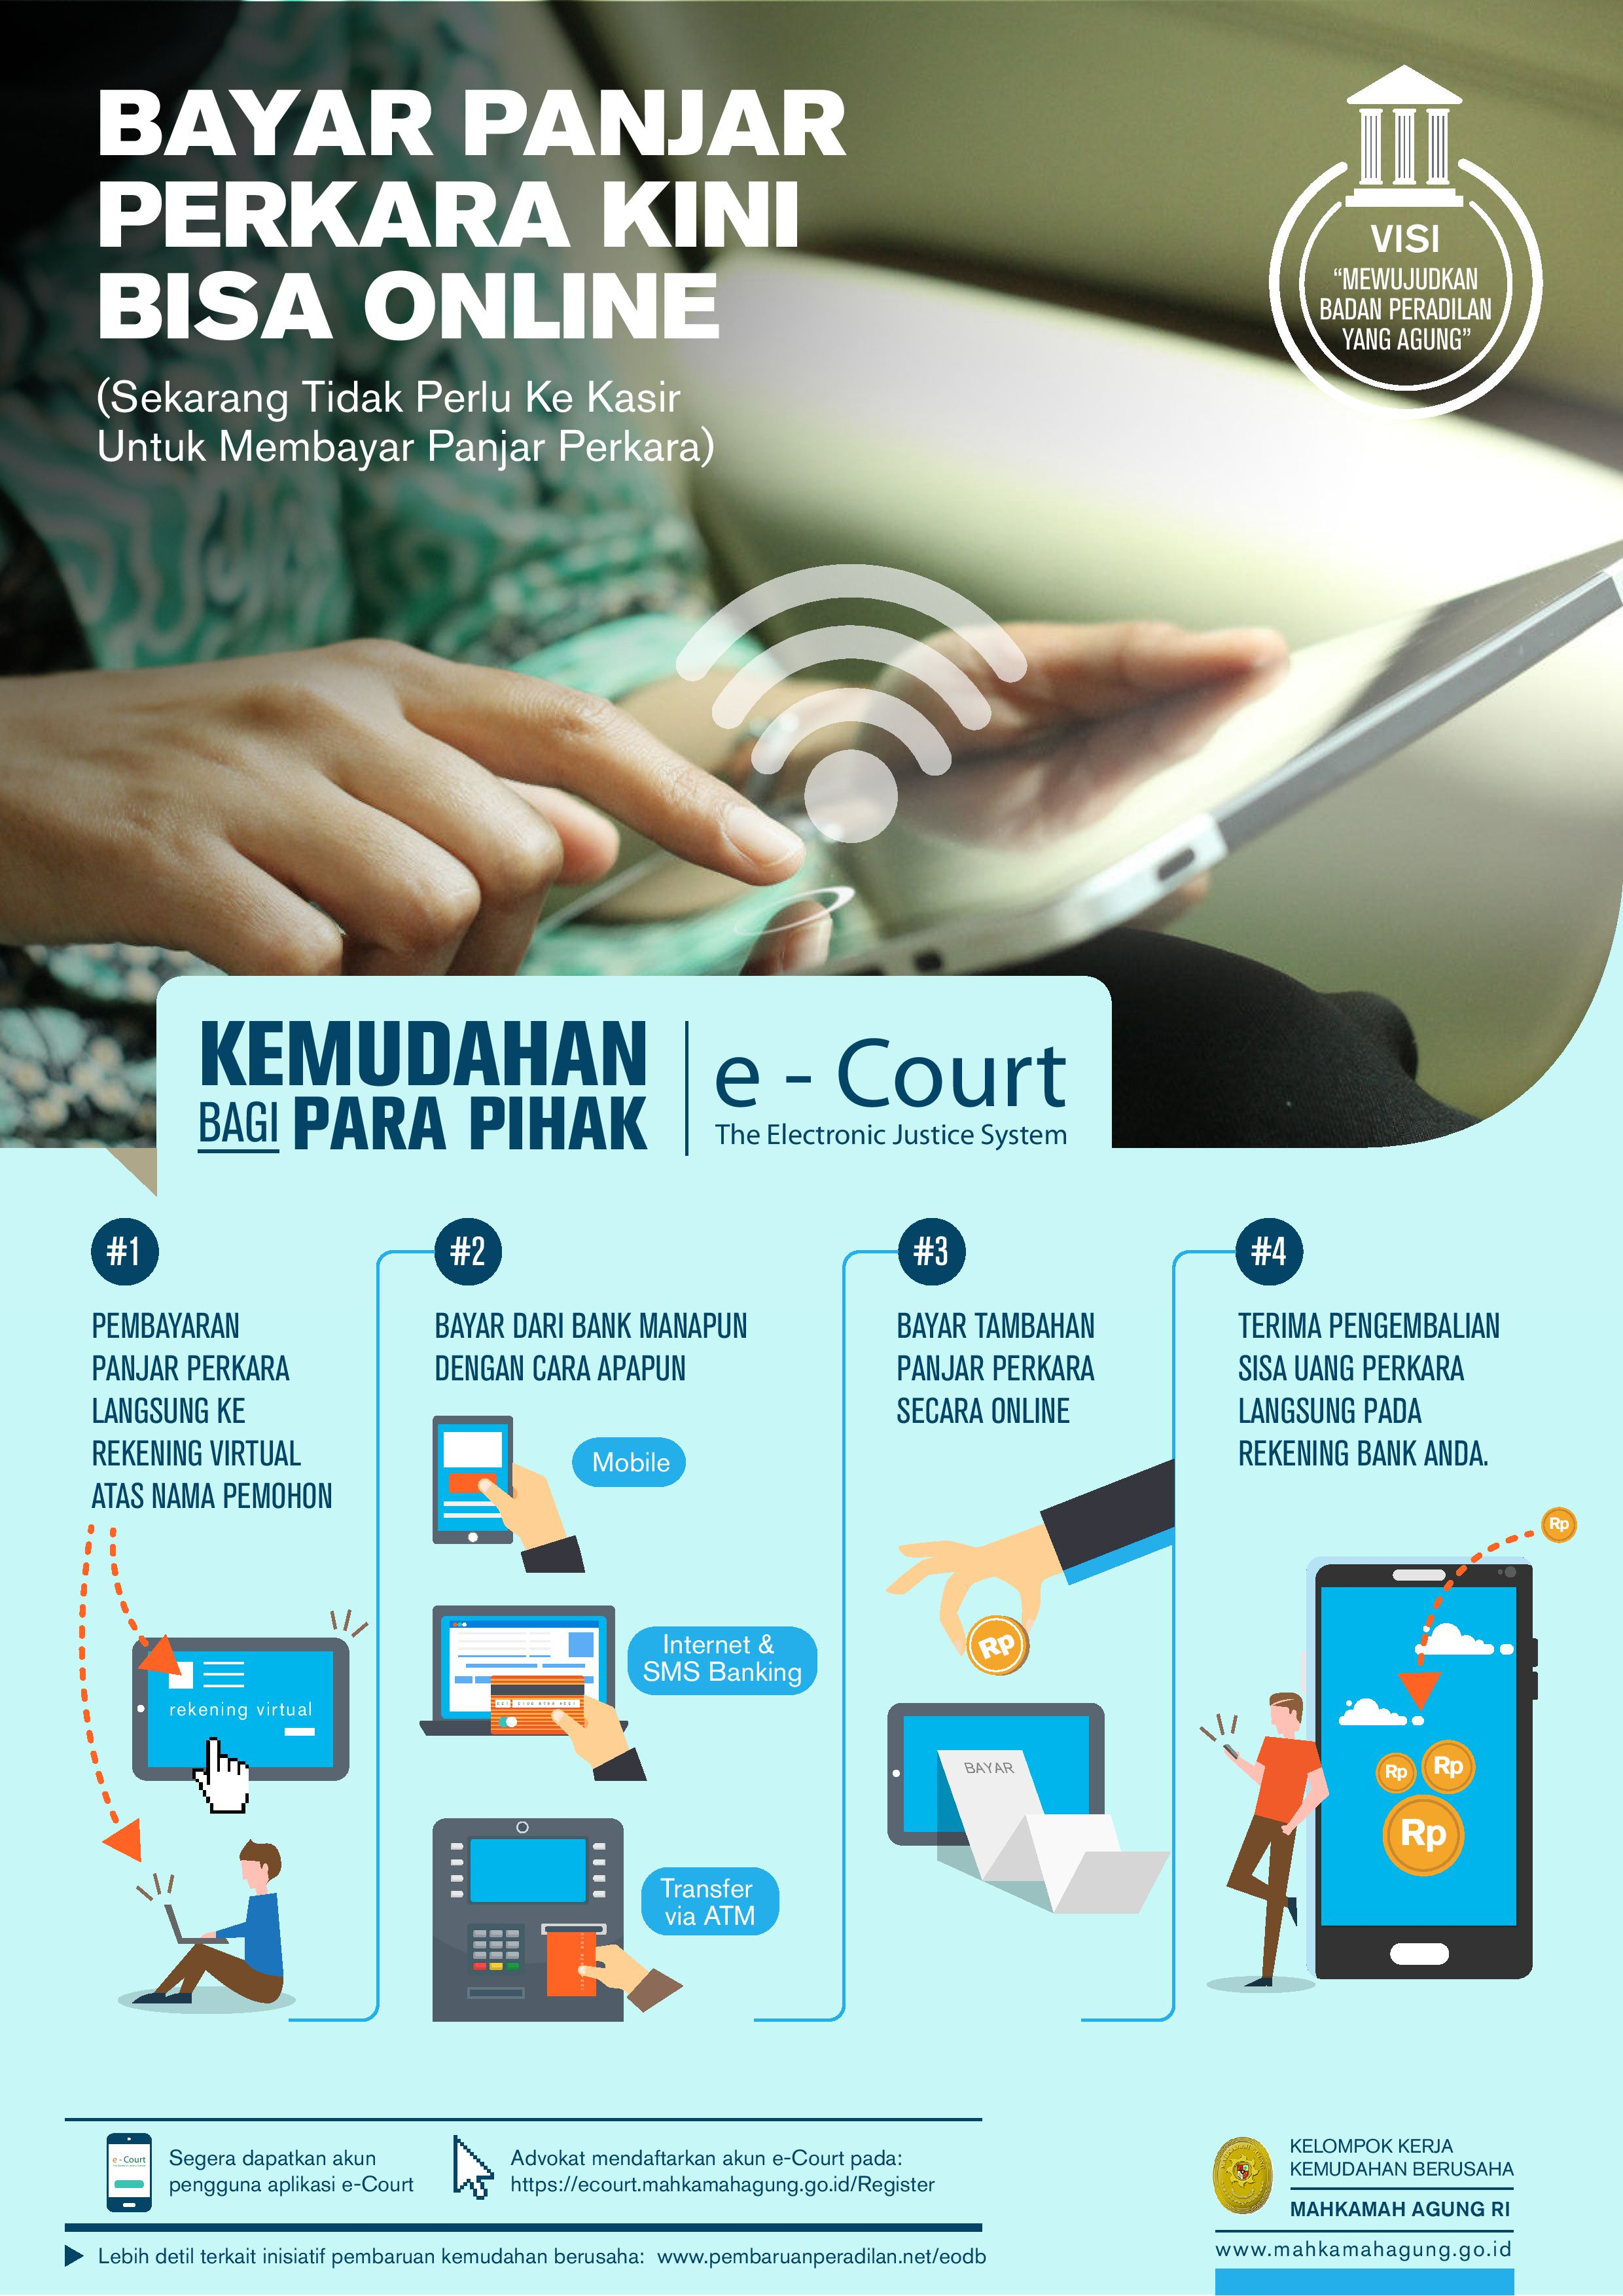 Infographic-Pembaruan_Peradilan-MA-Compiled_2020_05